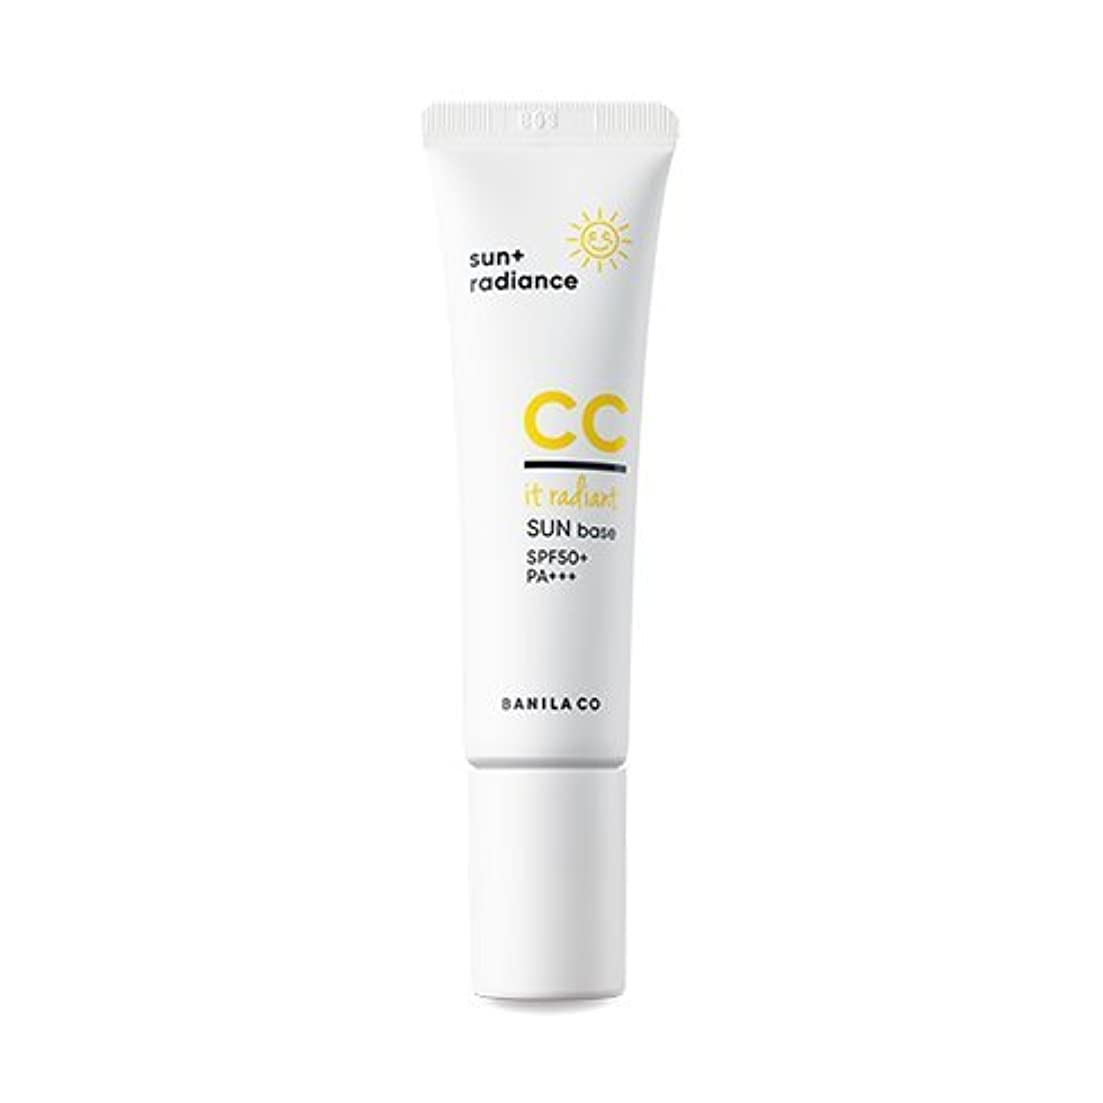 受付怖がらせるミル[Renewal] BANILA CO It Radiant CC Sun Base 30ml/バニラコ イット ラディアント CC サン ベース 30ml [並行輸入品]